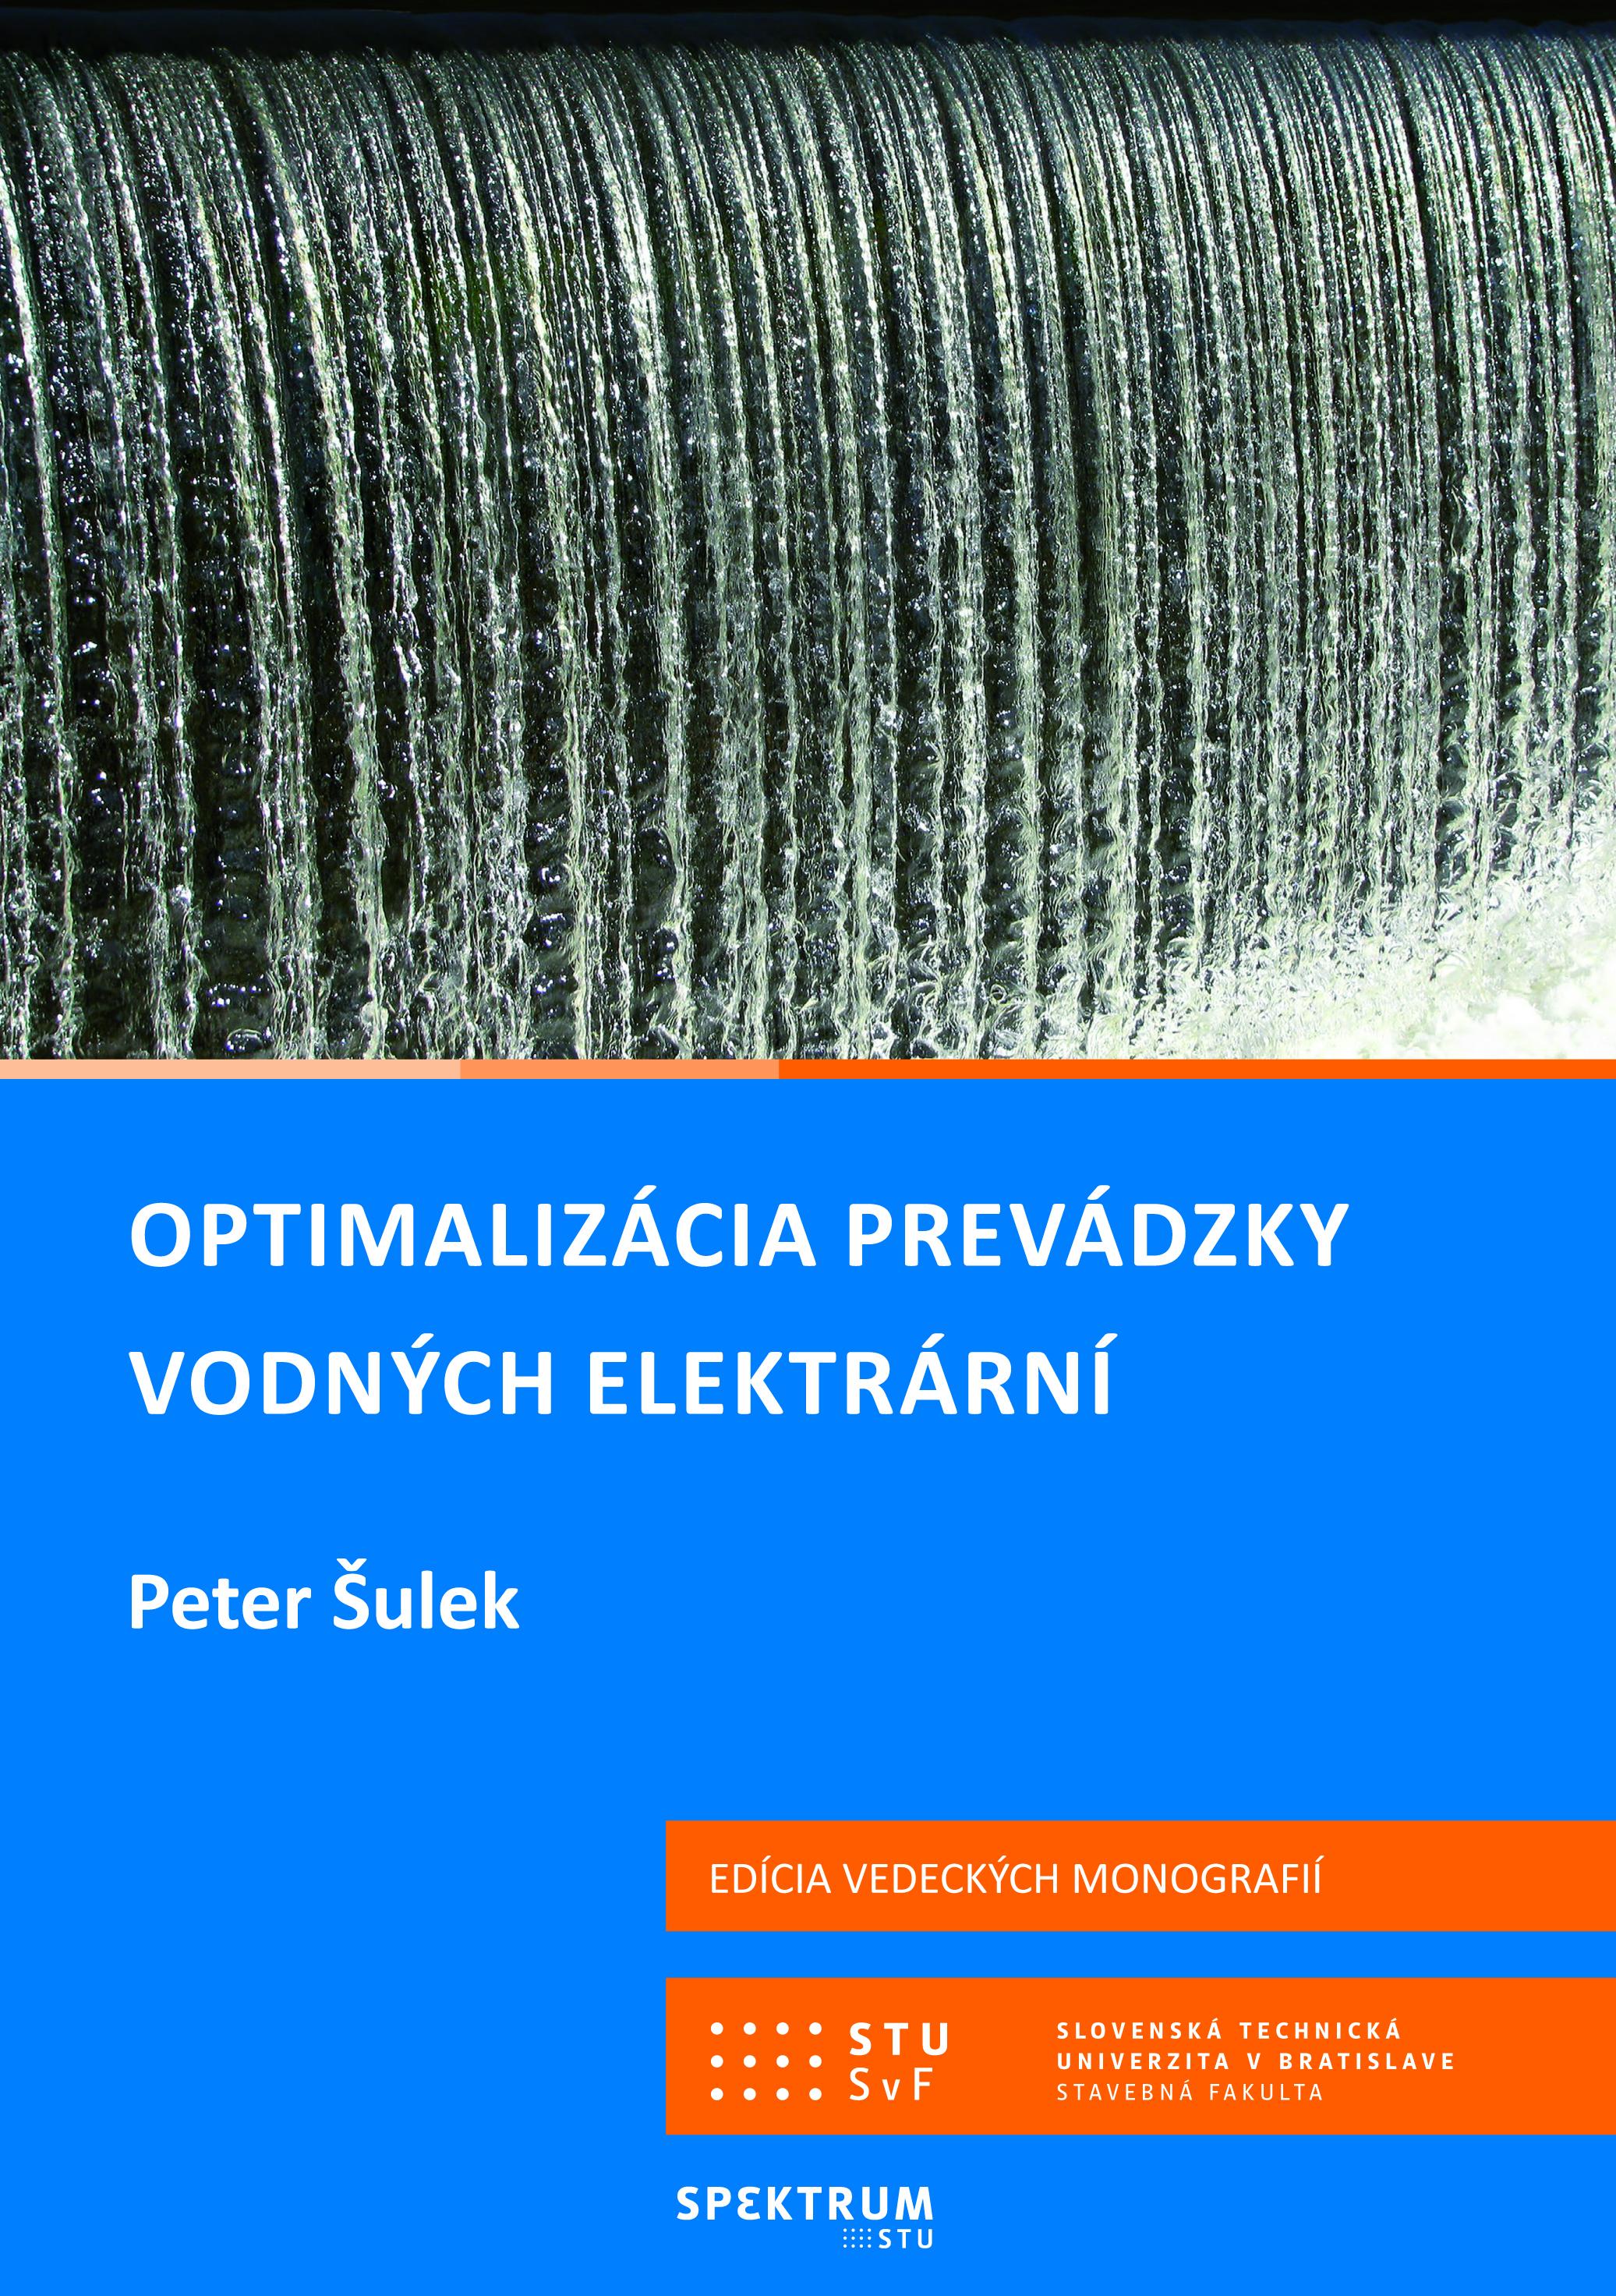 Optimalizácia prevádzky vodných elektrární 1